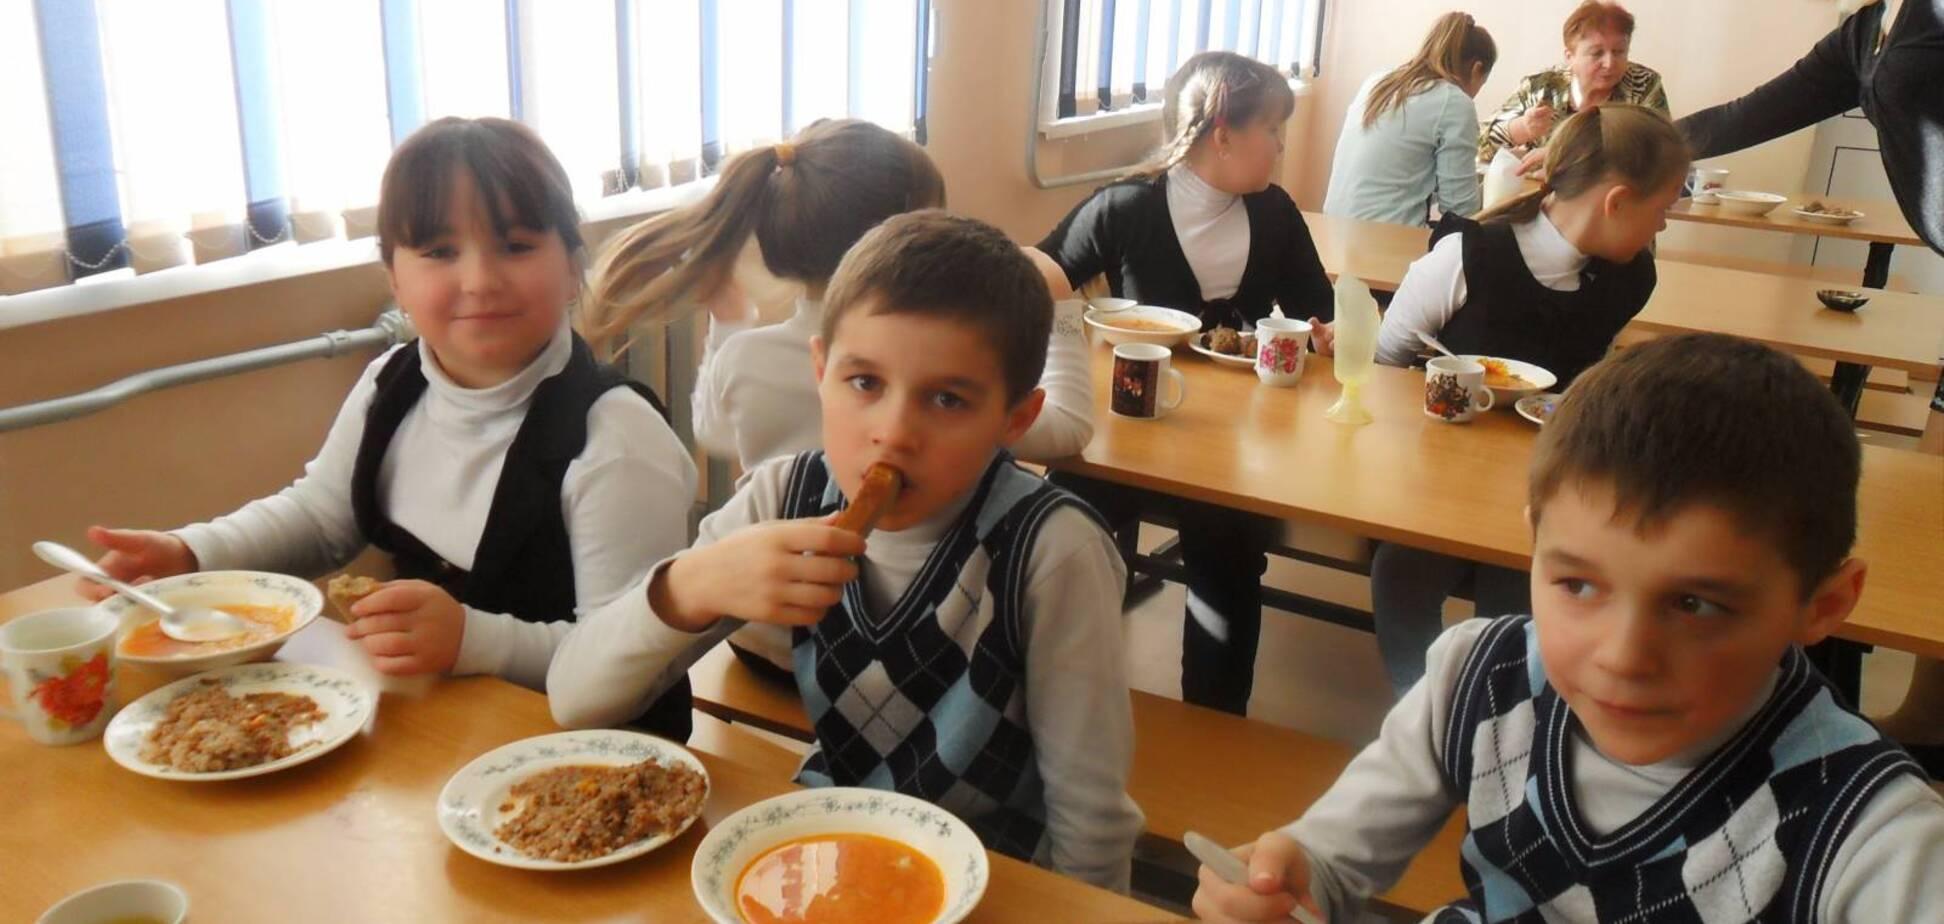 Чим годують школярів у Києві: чиновник розкрив деталі